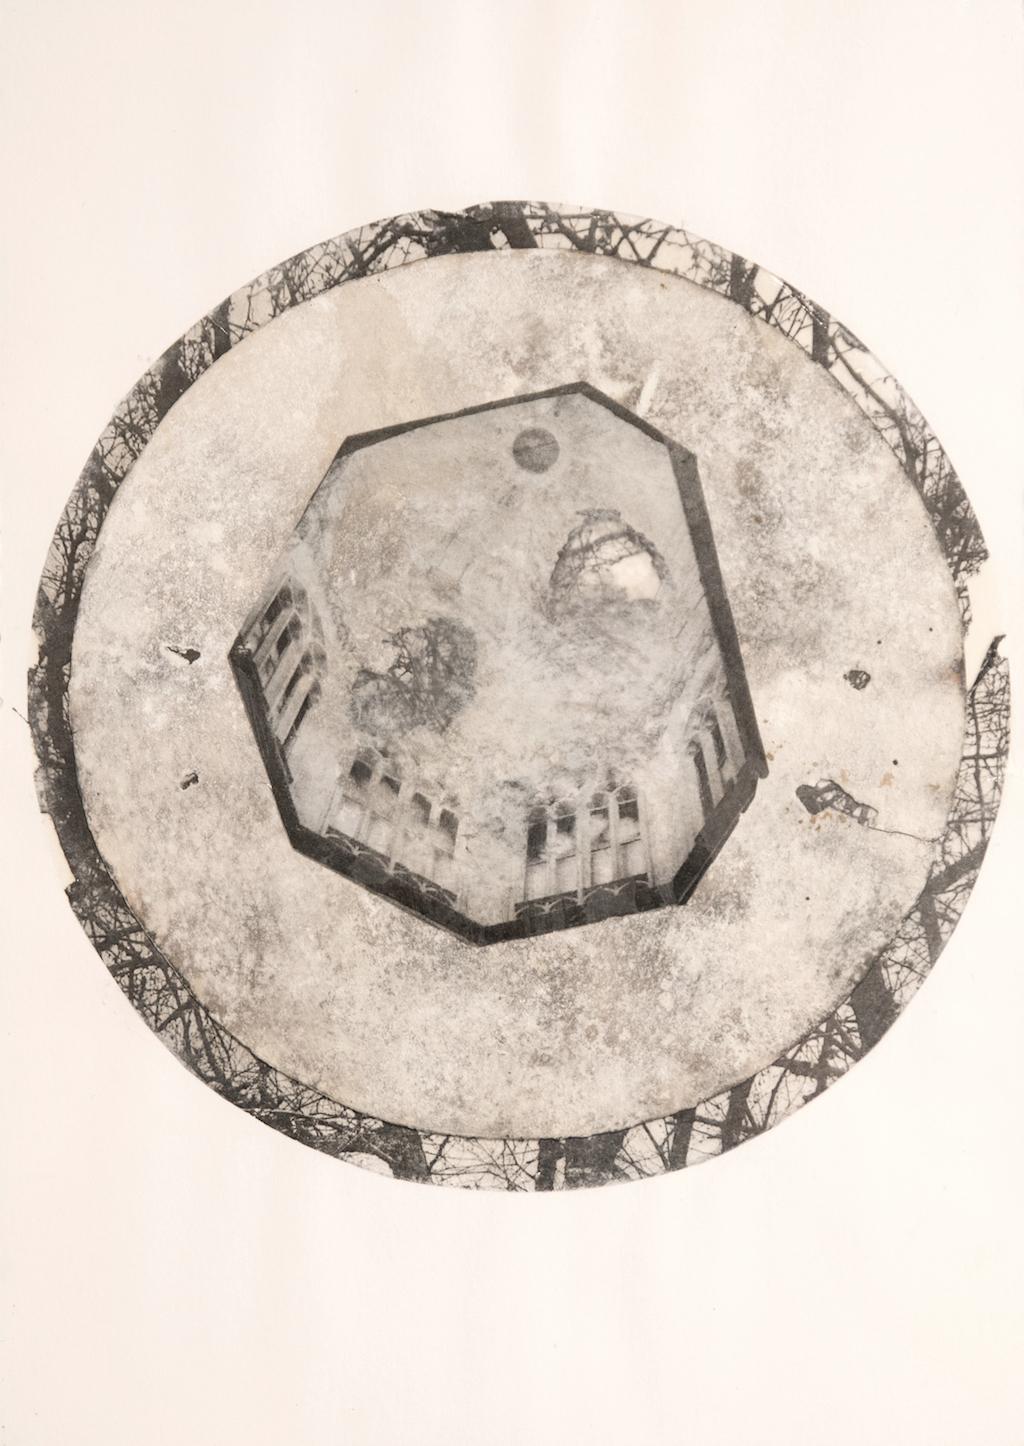 LA CÚPULA DEL CIELO I \nT. Mixta /Papel y cristal. 35 x 25 cm.